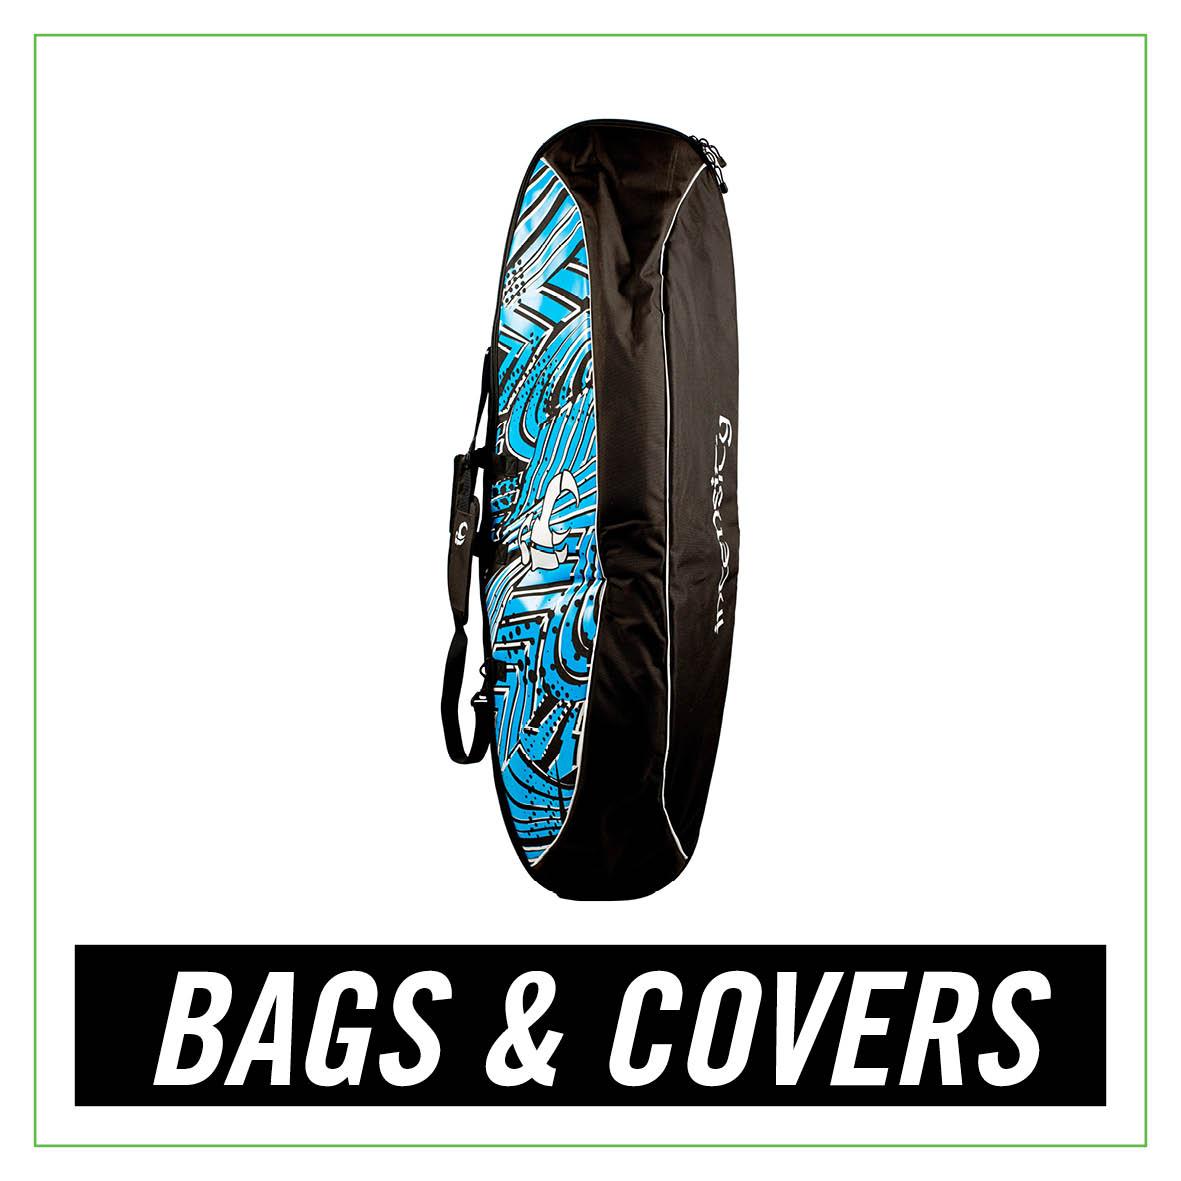 BAGS-COVERS.jpg